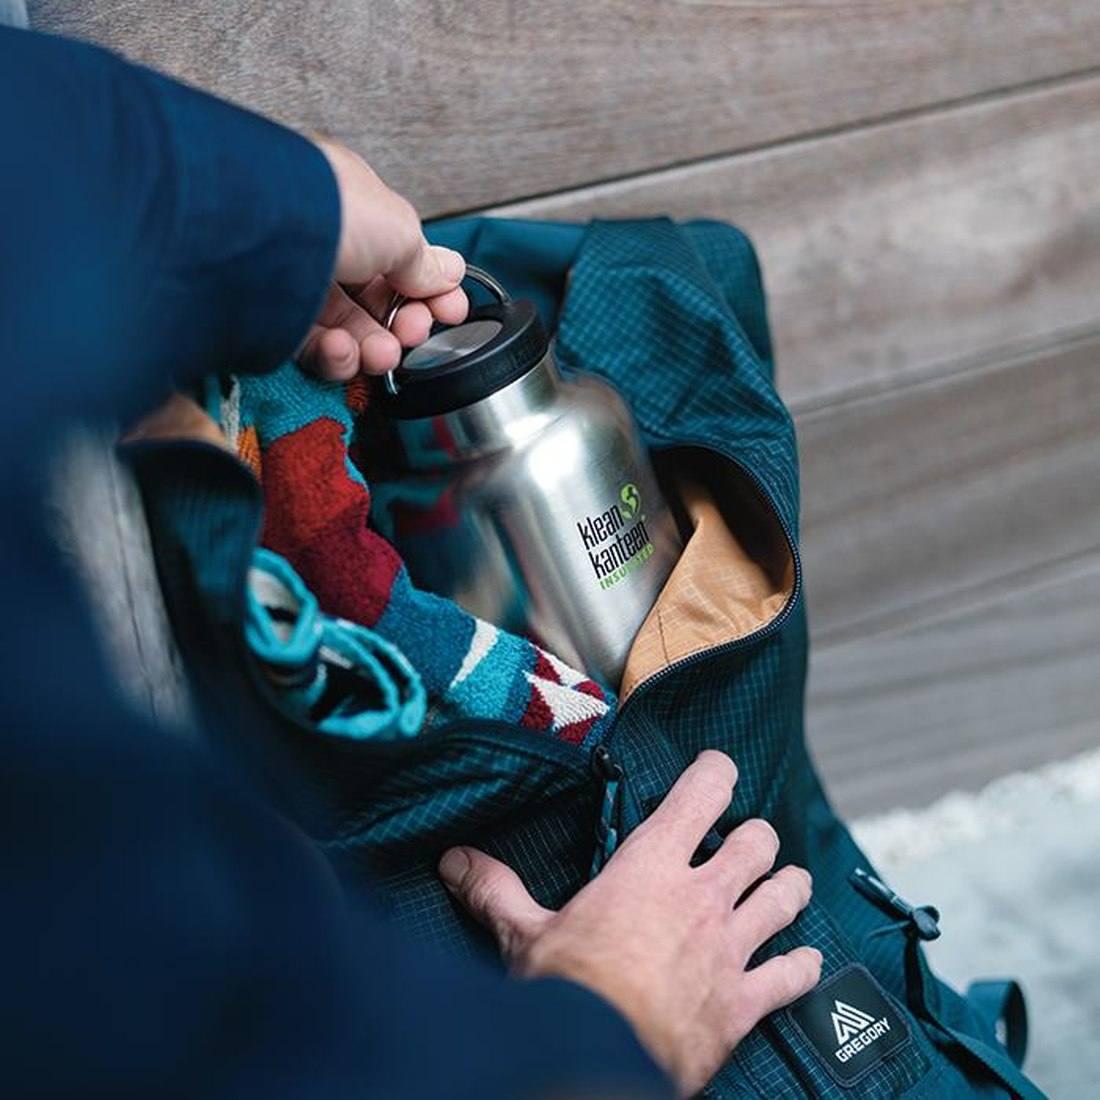 クリーンカンティーン TKワイド 64 ループ 保冷保温ボトル水筒 マグボトル  国内正規品